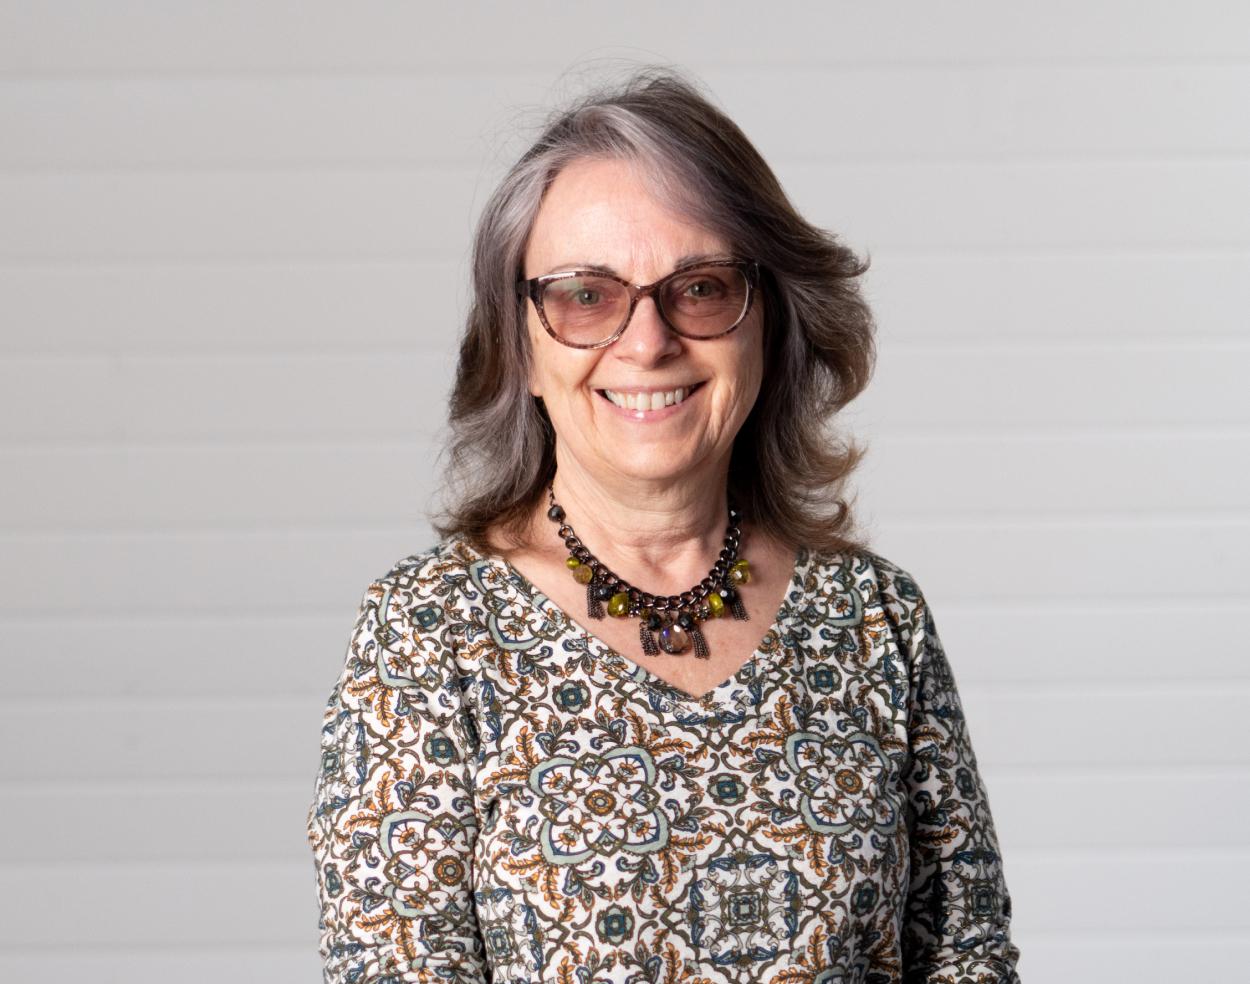 Marilyn Blackburn